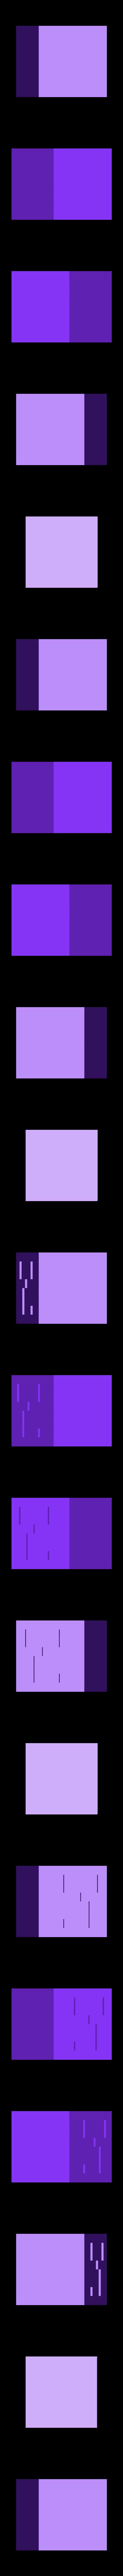 creeper_pot_square.stl Télécharger fichier STL gratuit Minecraft Creeper Planteur / Pot • Objet pour impression 3D, ranibizumab